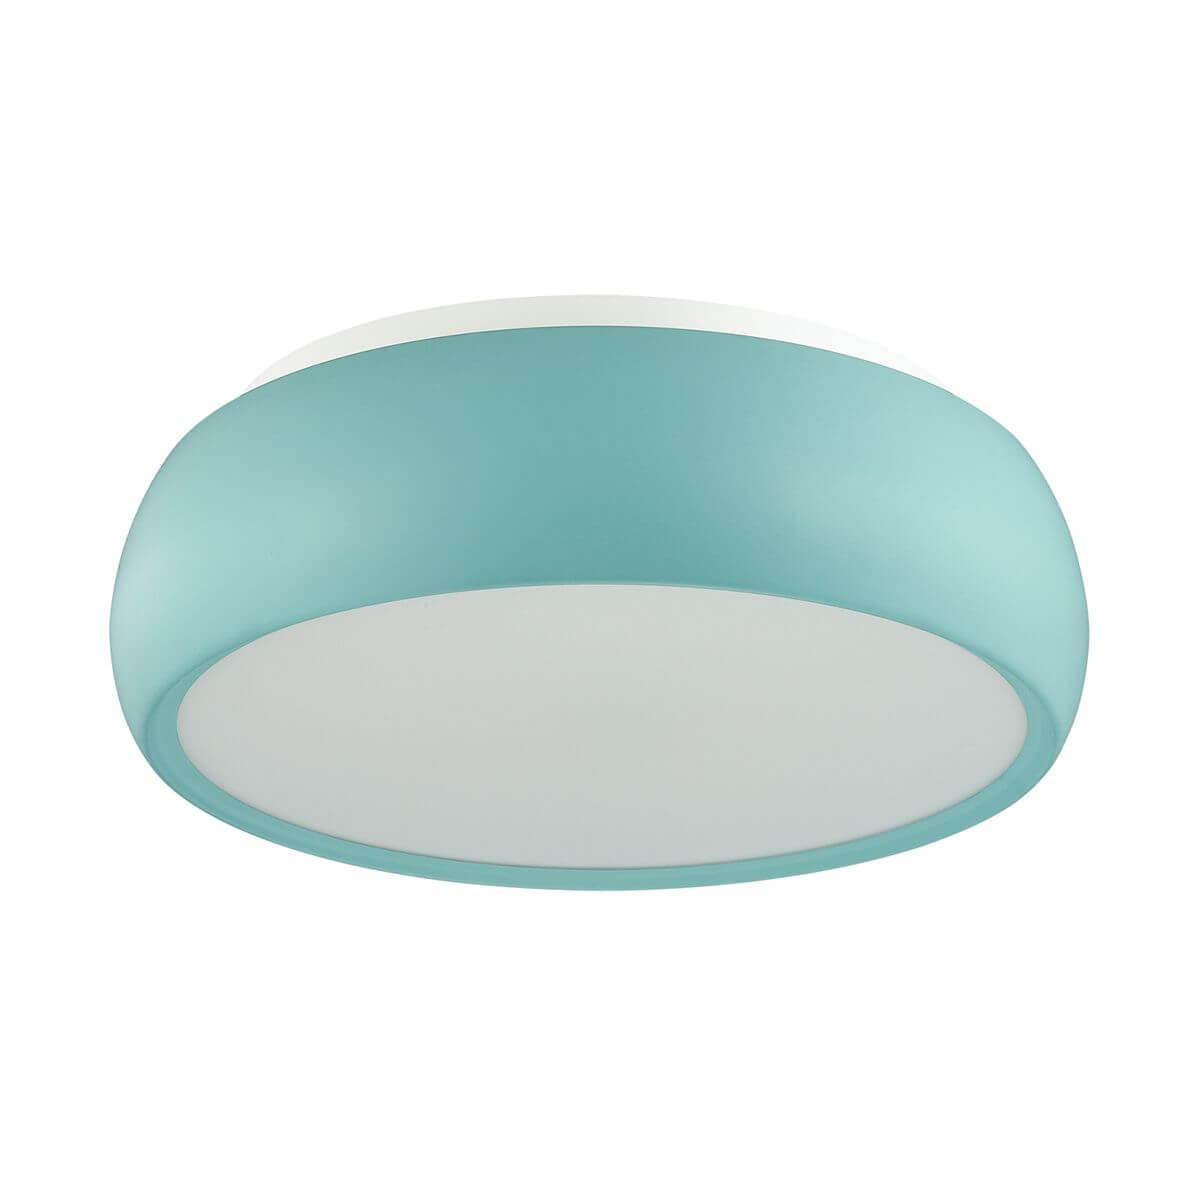 Накладной светильник Lumion 4415/3C, E27, 60 Вт потолочный светильник lumion 4415 3c